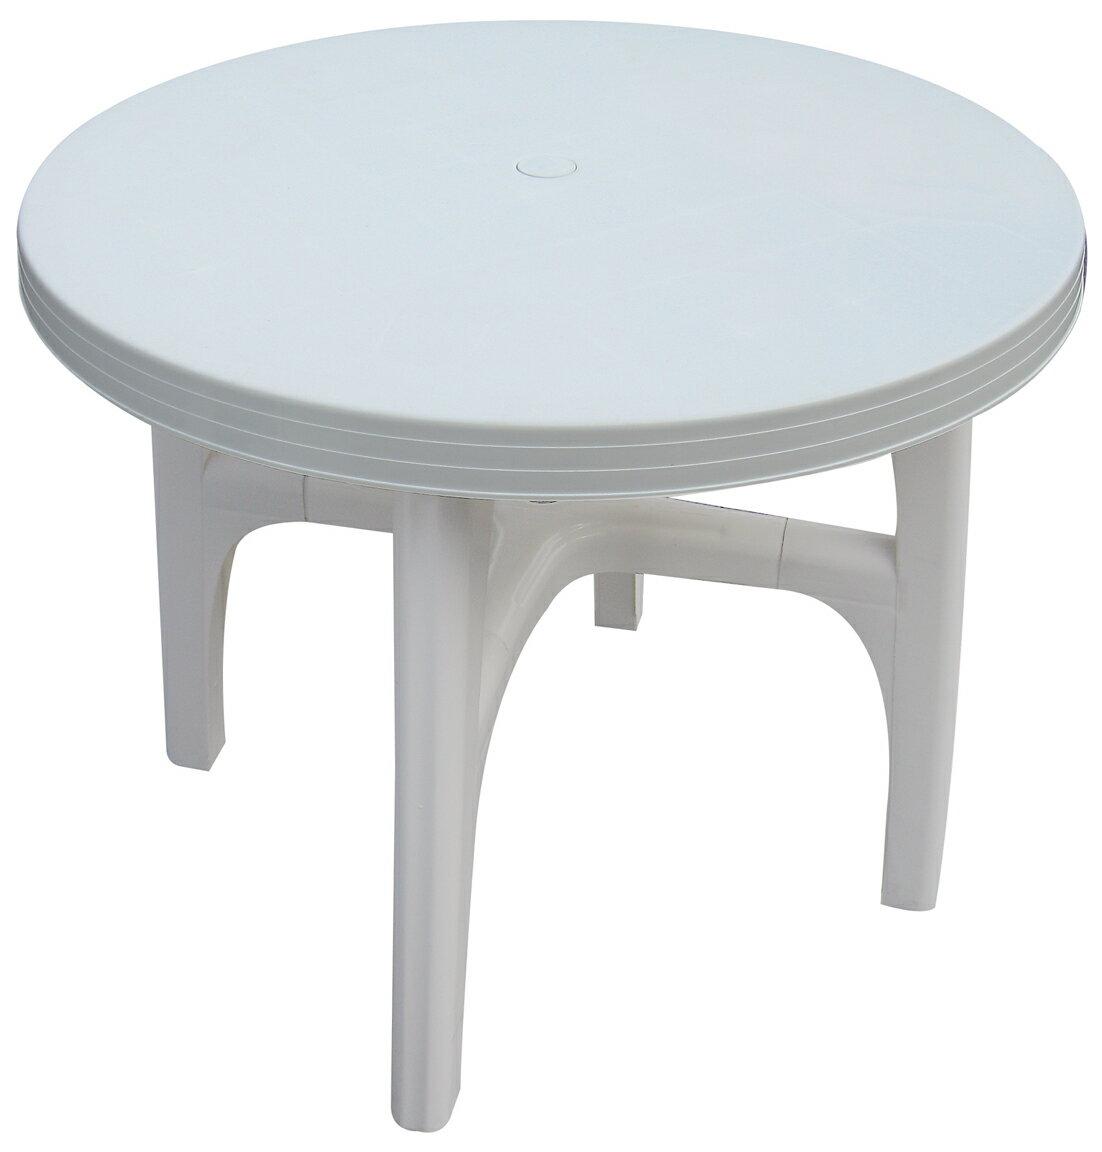 富士見産業『プラガーデン テーブル』